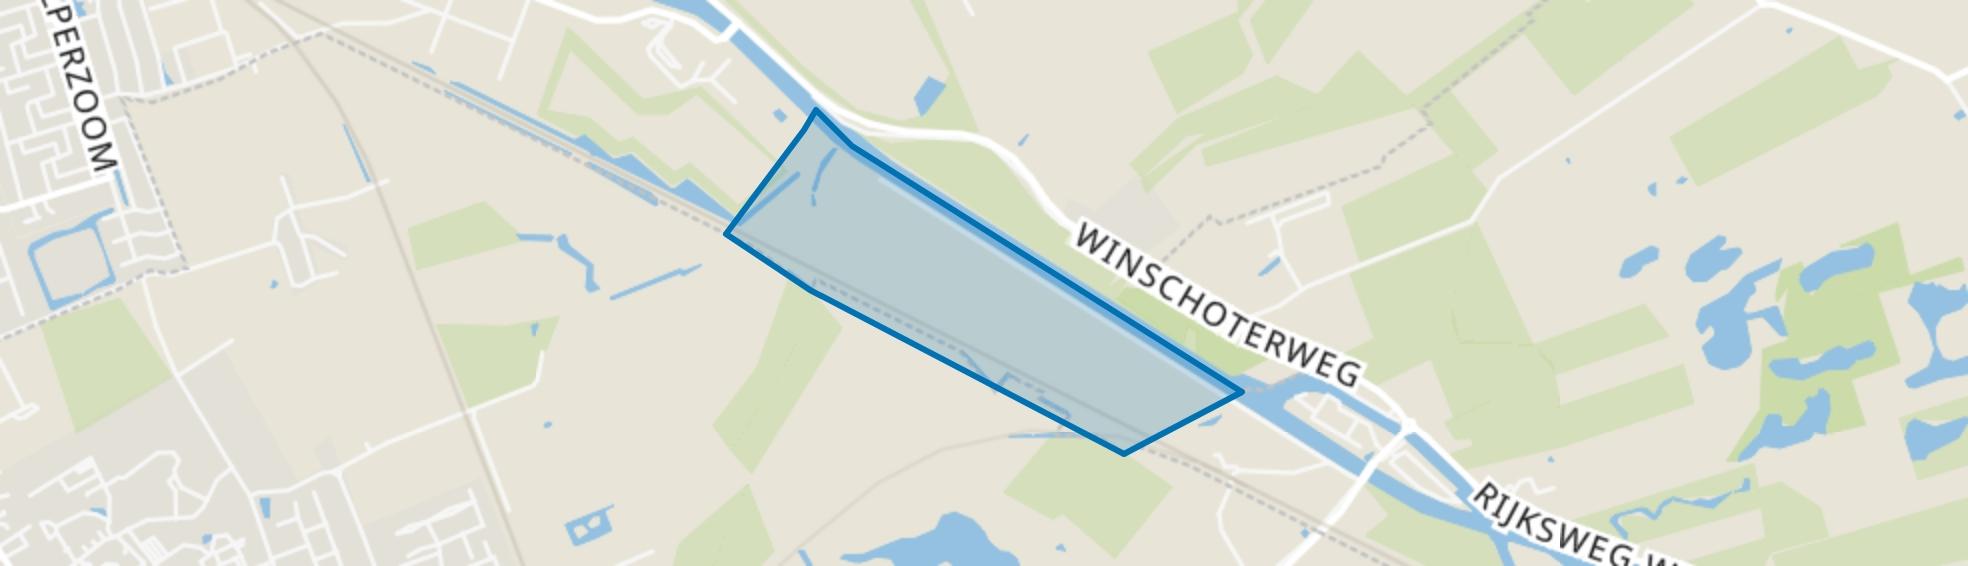 Waterhuizen, Groningen map